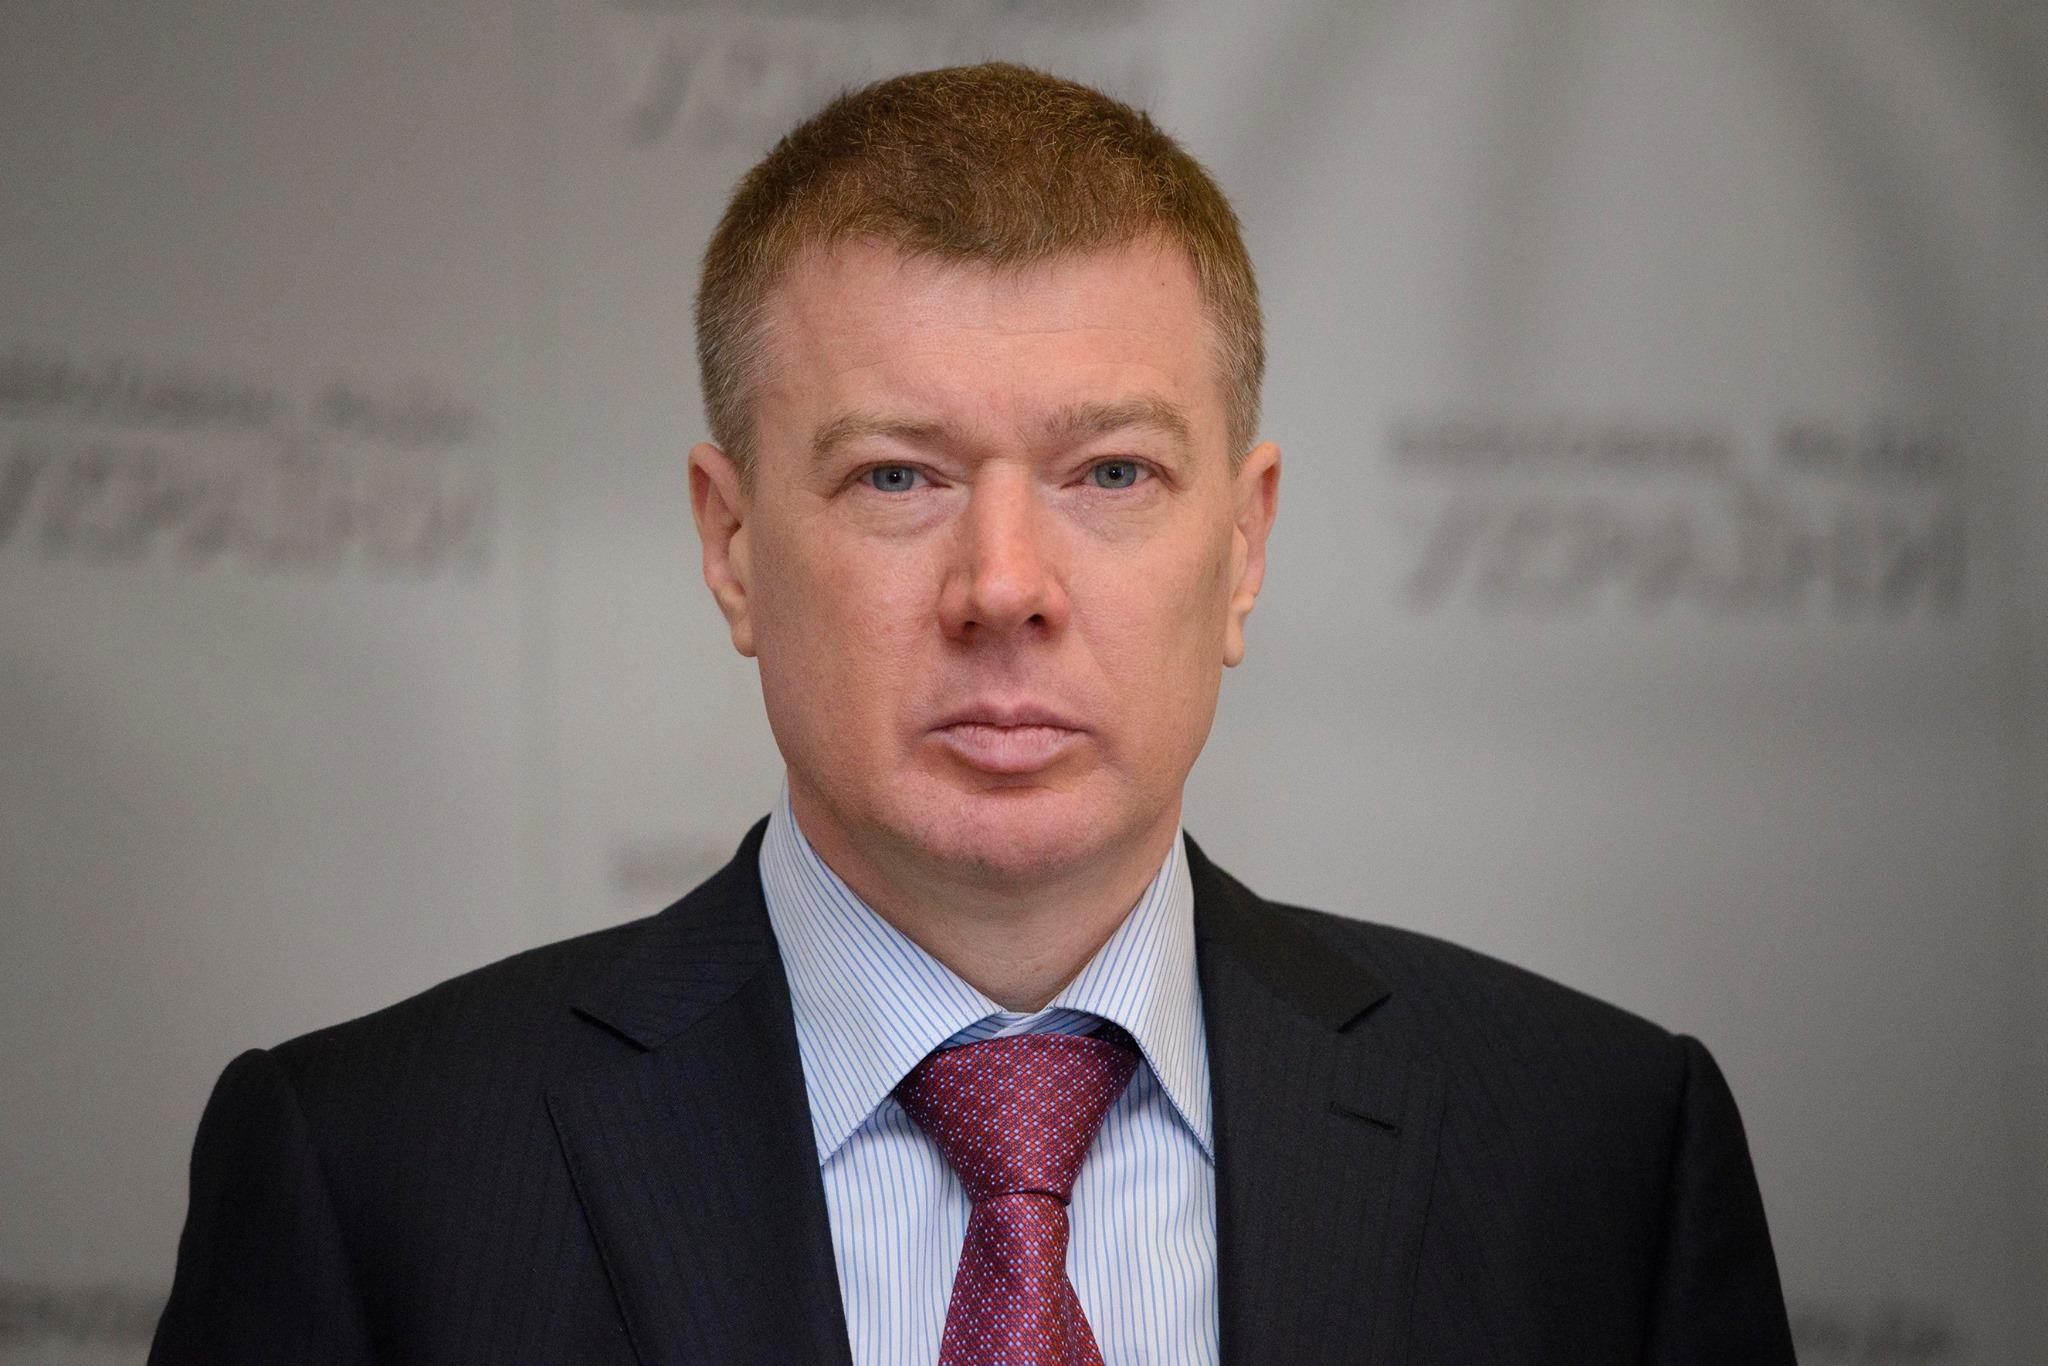 Сергій Ларін (фото:фесбук)